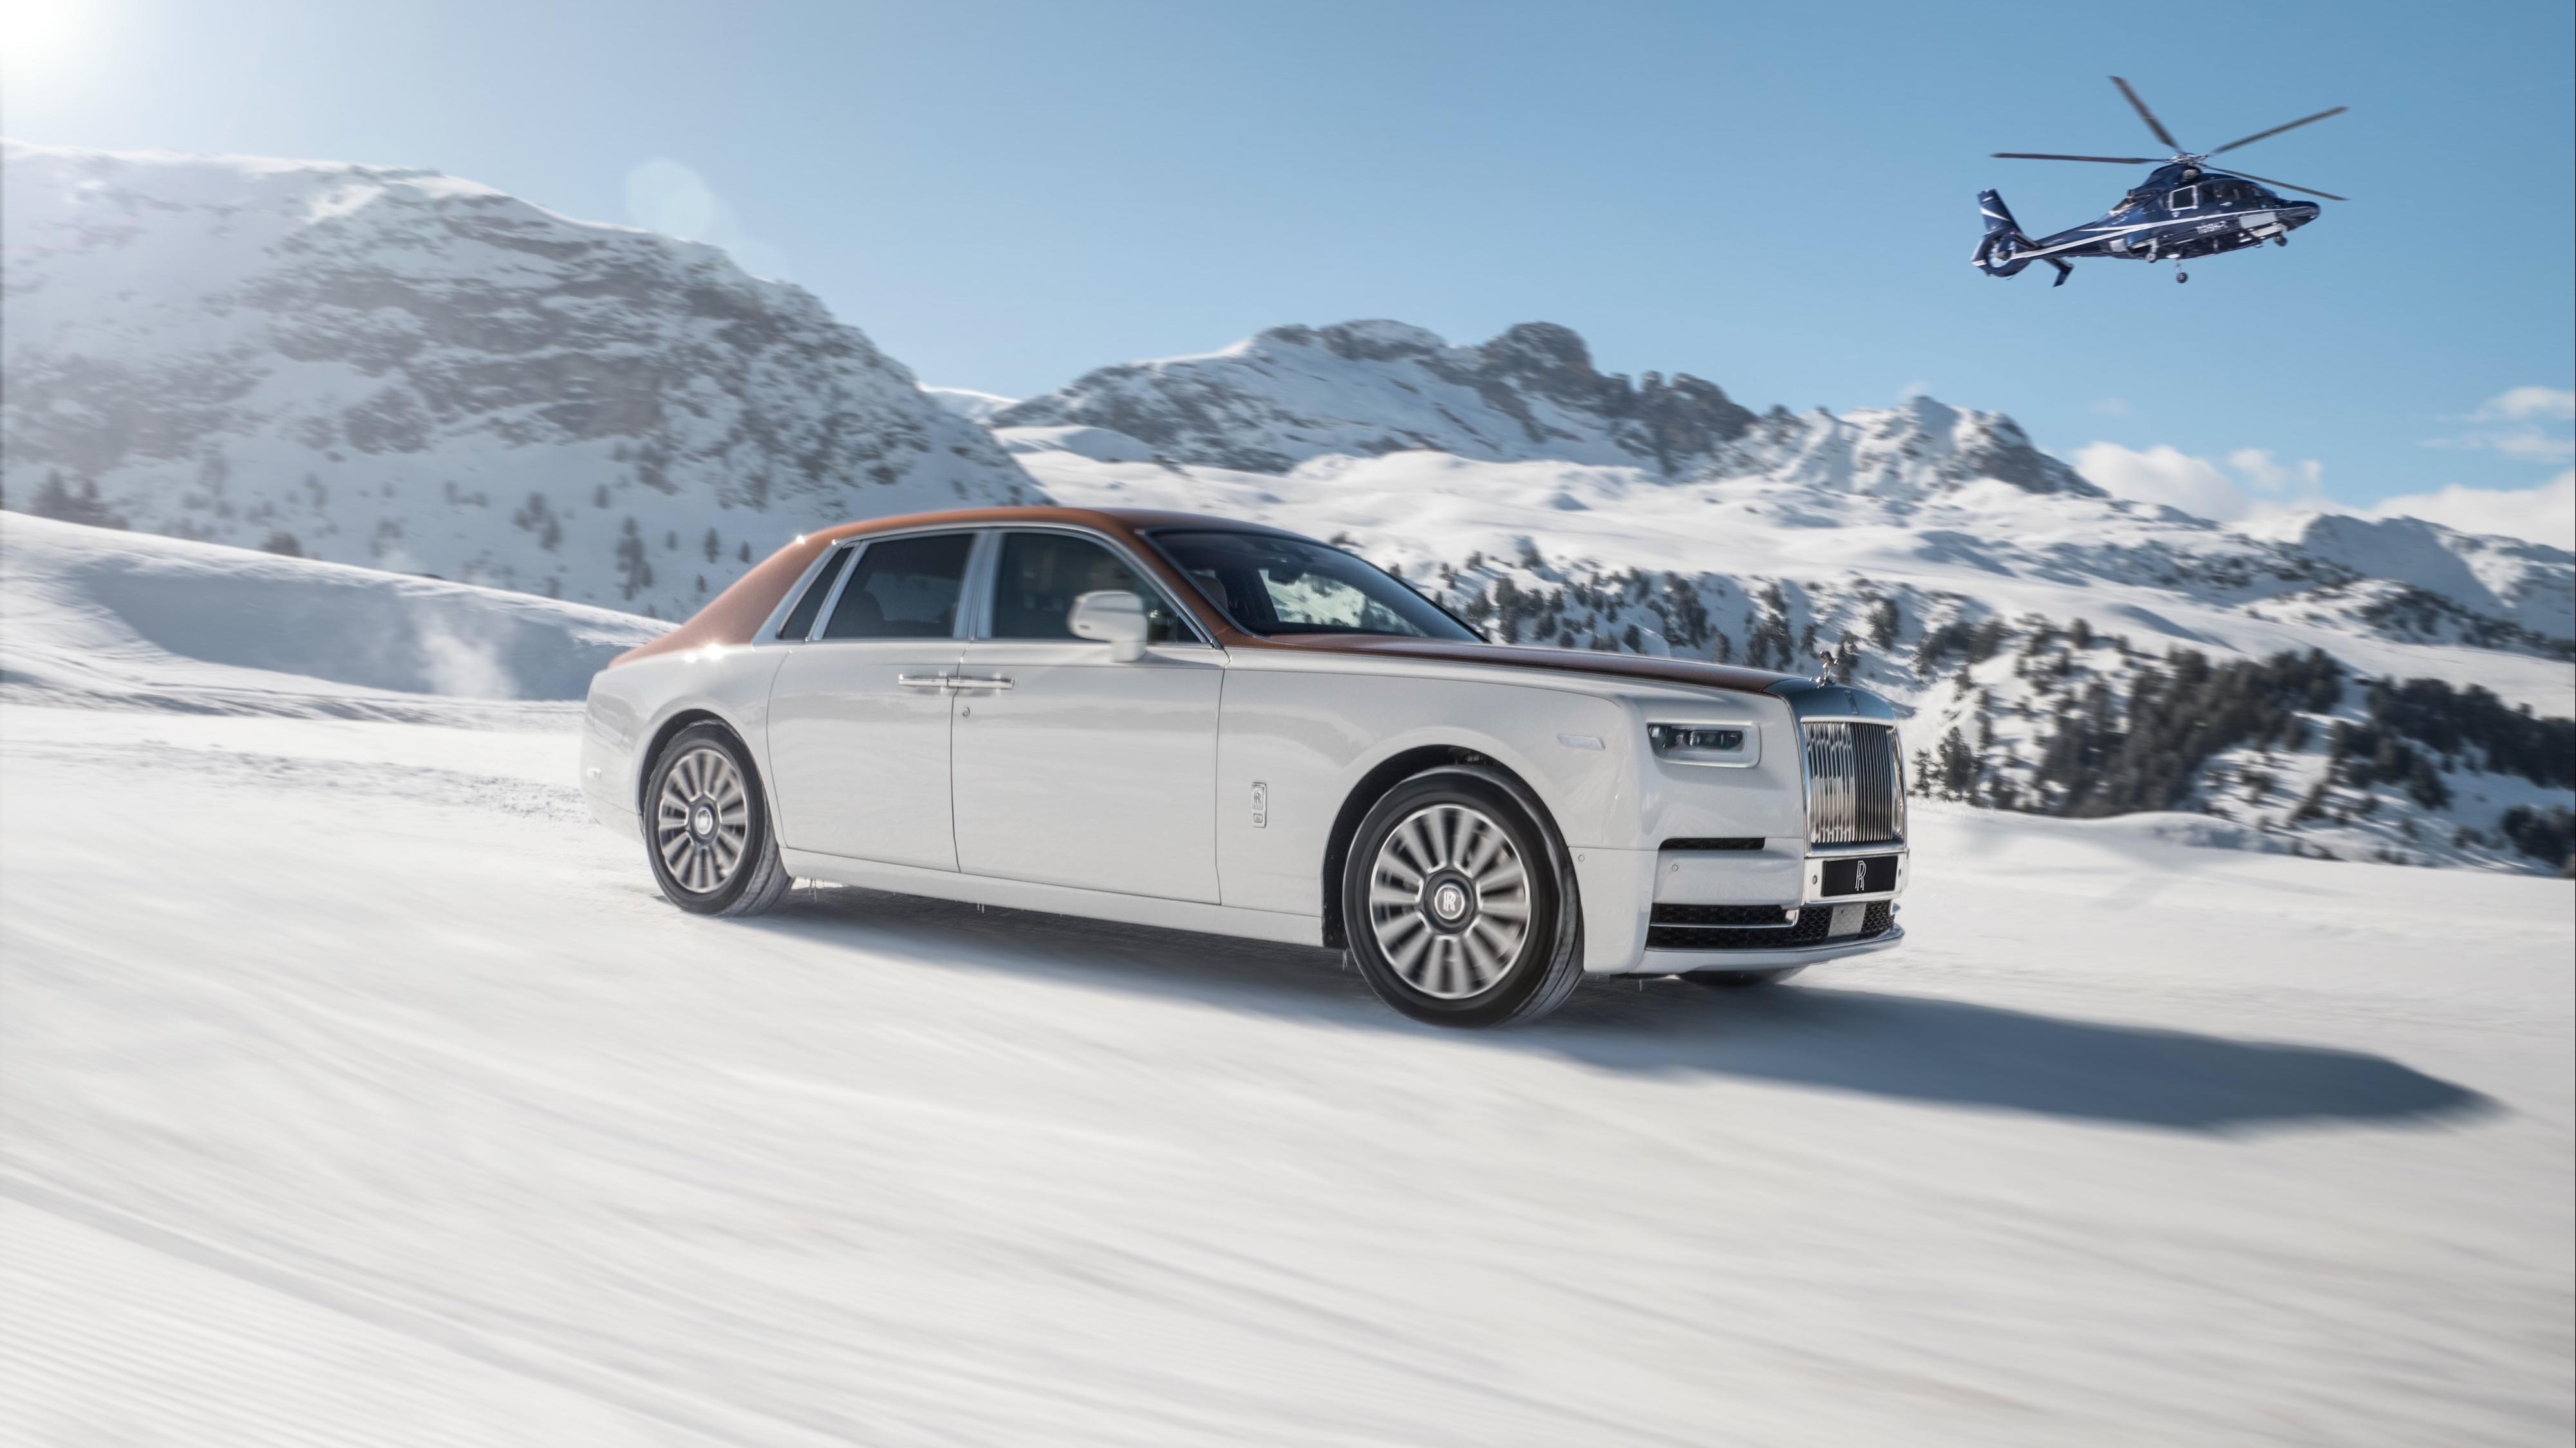 Trump S Tax Cut Led To Record Sales Of Rolls Royce Cars Quartz